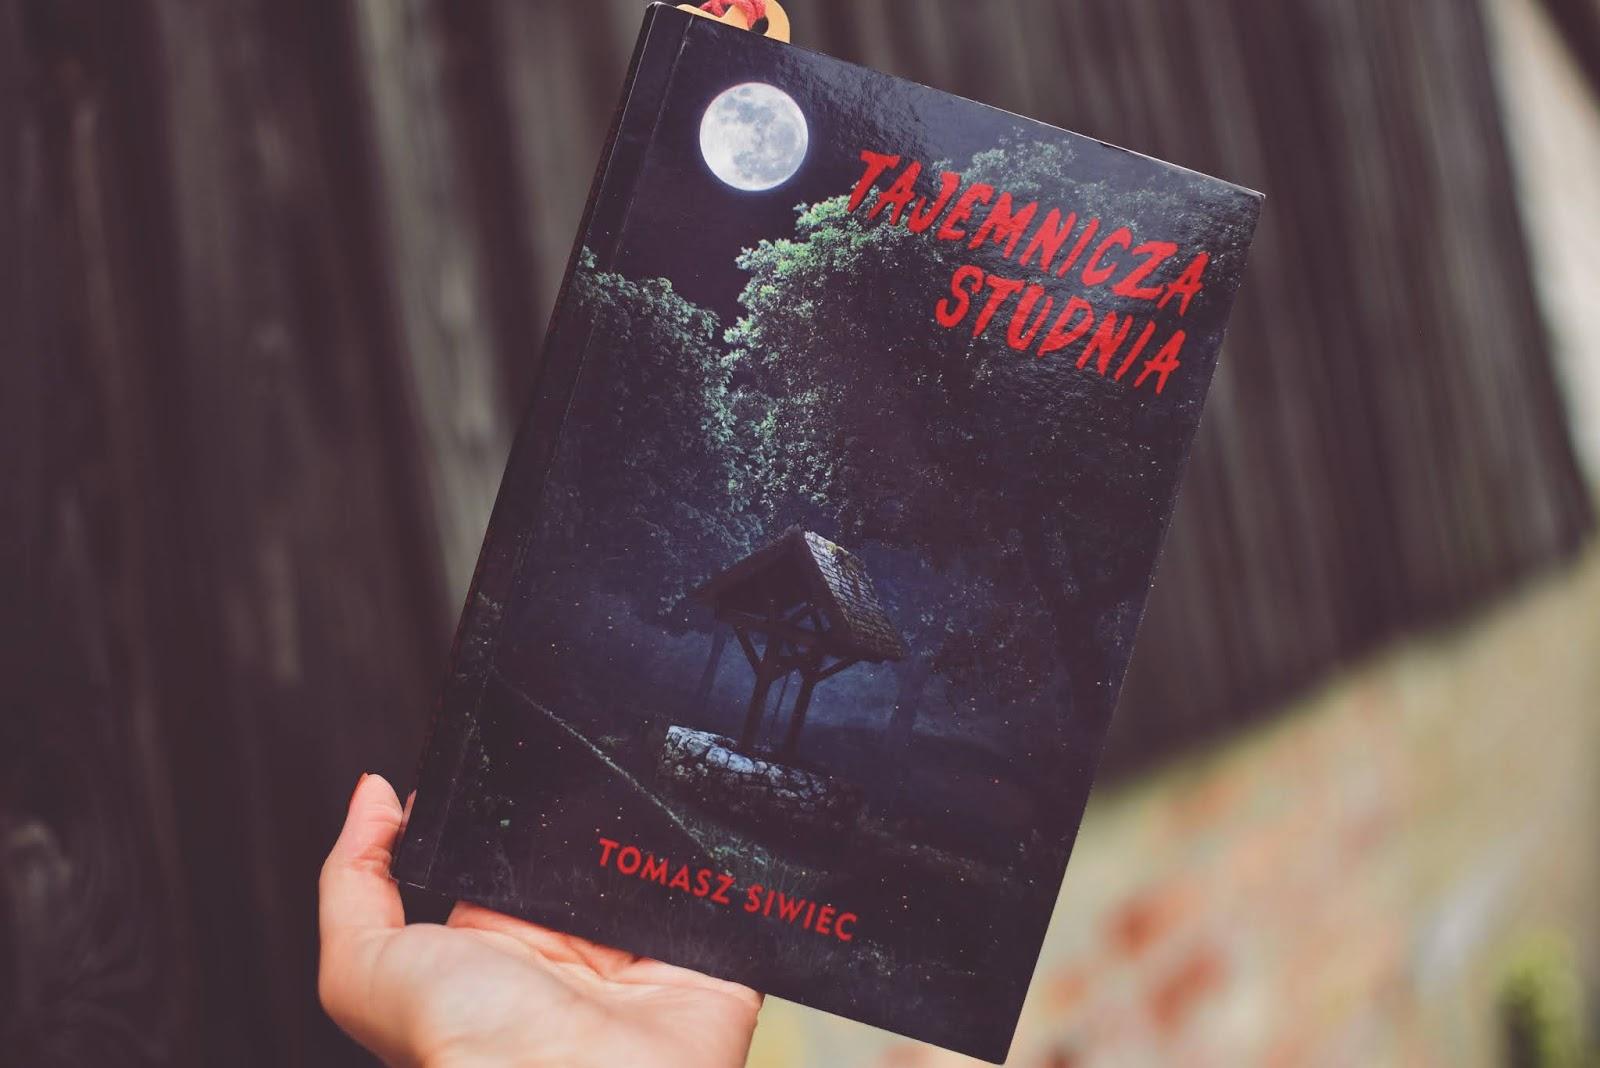 młodzież, horror, TajemniczaStudnia, TomaszSiwiec, opowiadanie, recenzja, fantasy, zjawa,